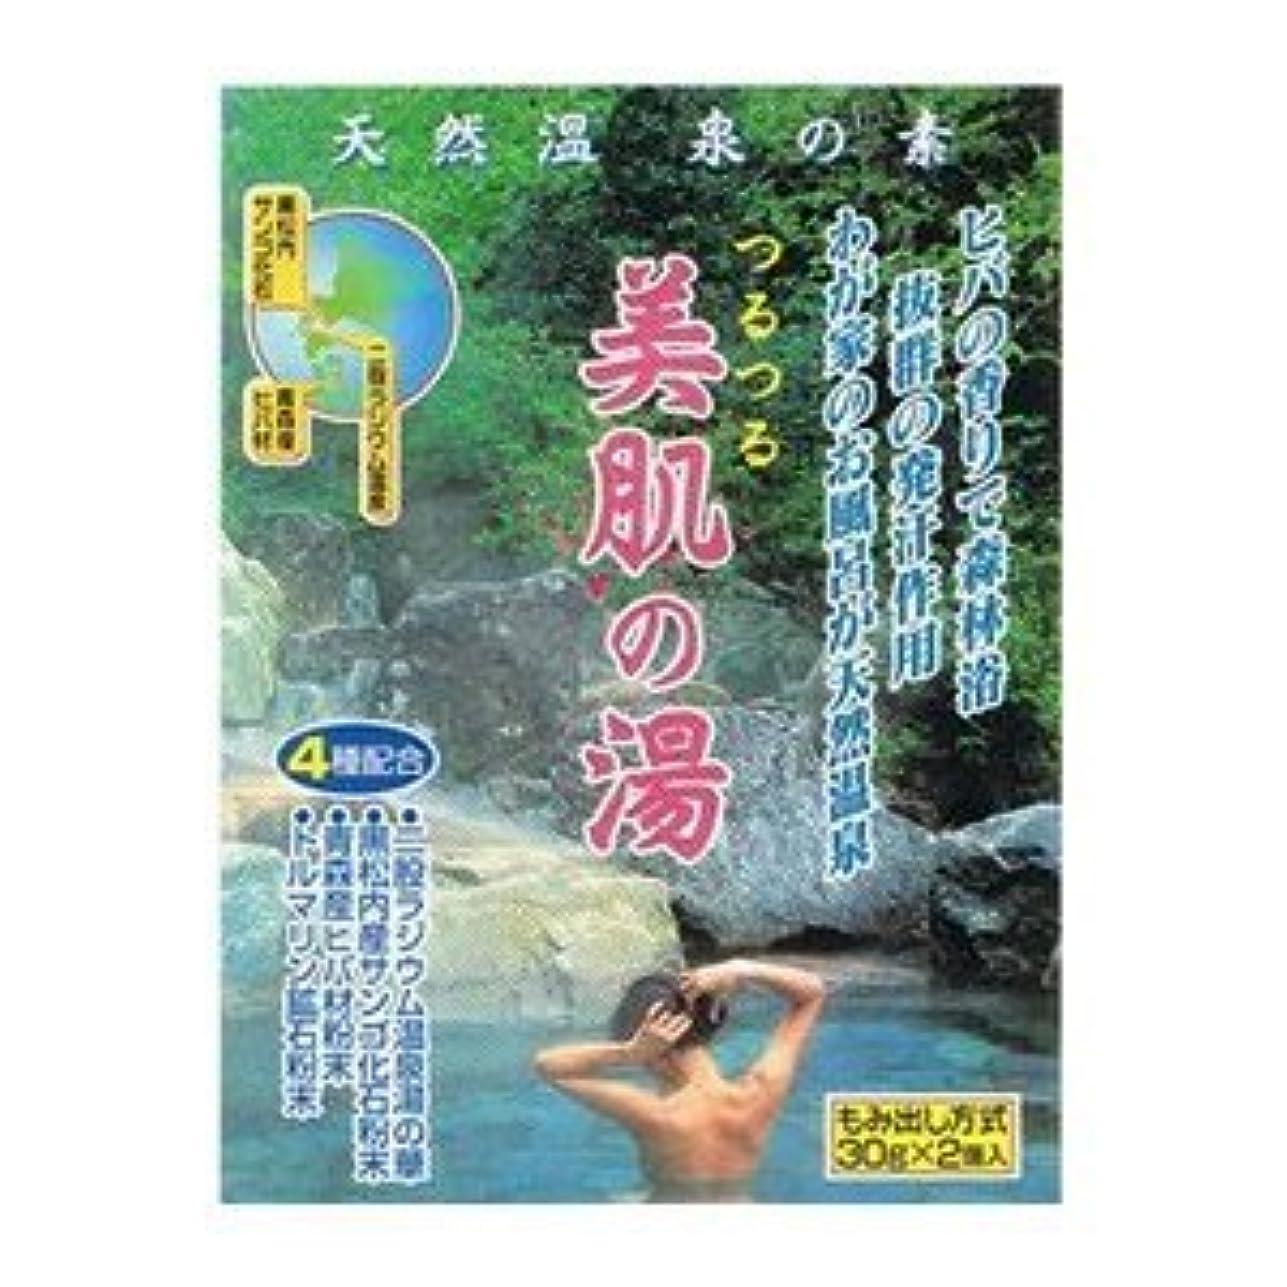 浪費帰る異常な天然温泉の素 美肌の湯 (30g×2個入)×18袋セット